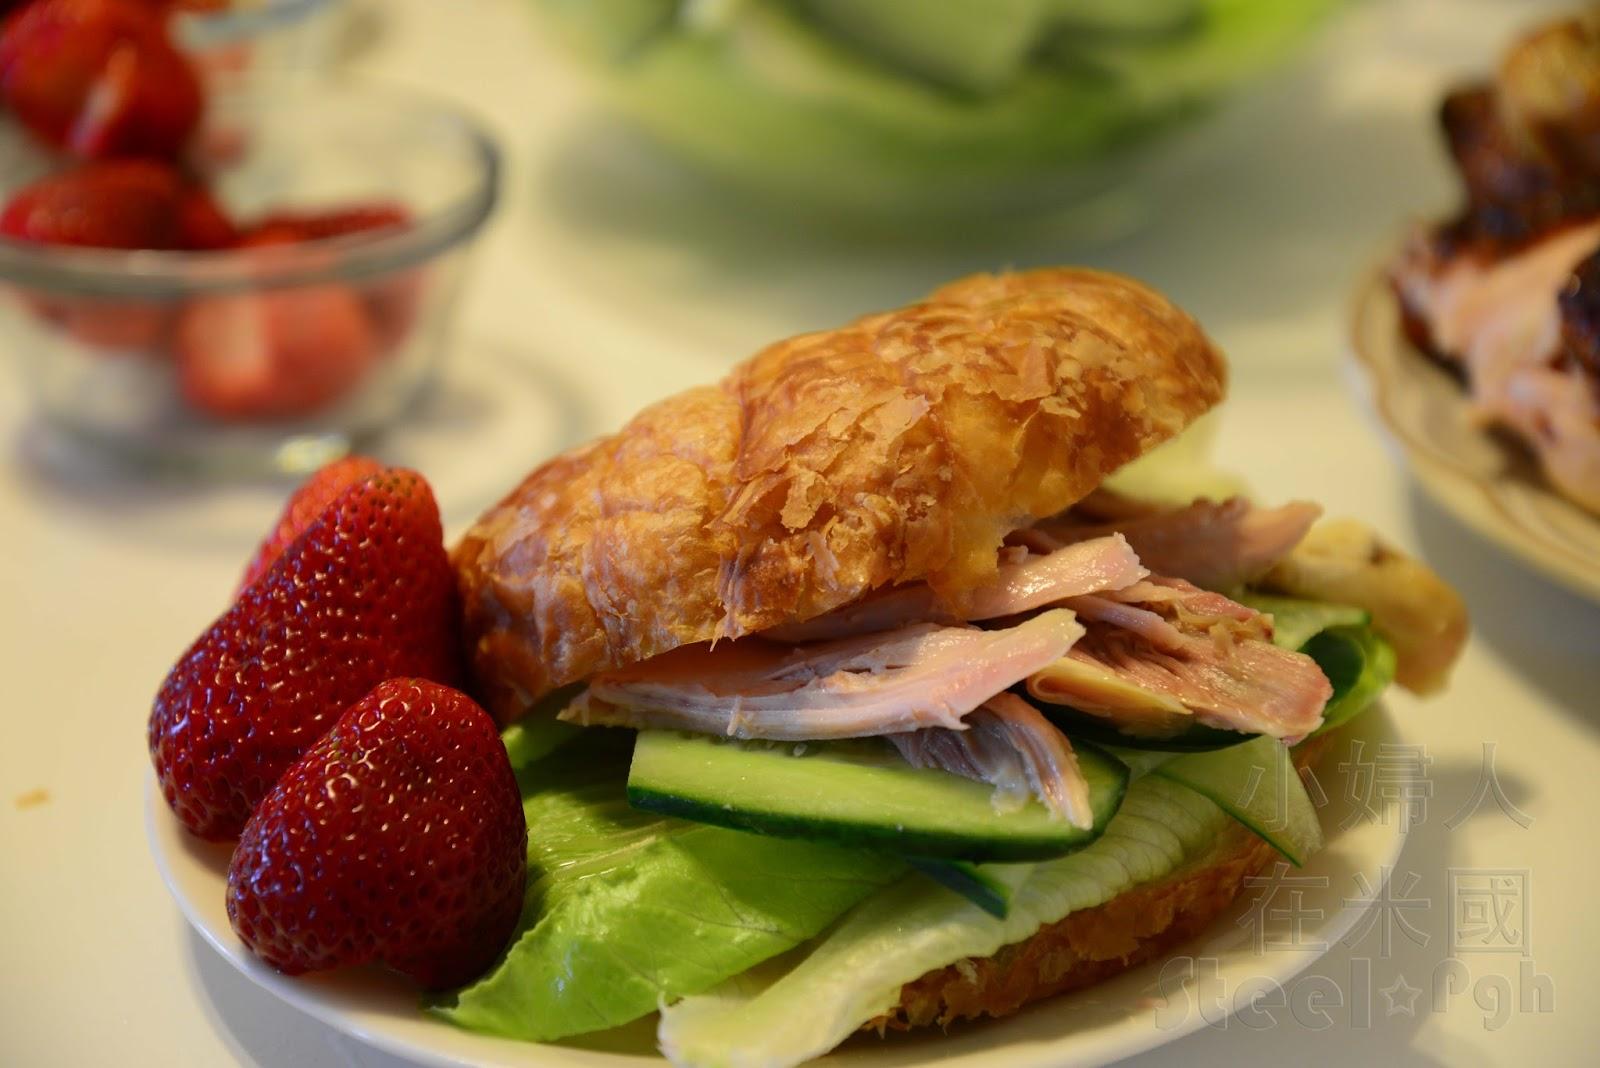 小婦人在米國-養樂多乖!!: Costco烤雞的應用 - PART 1